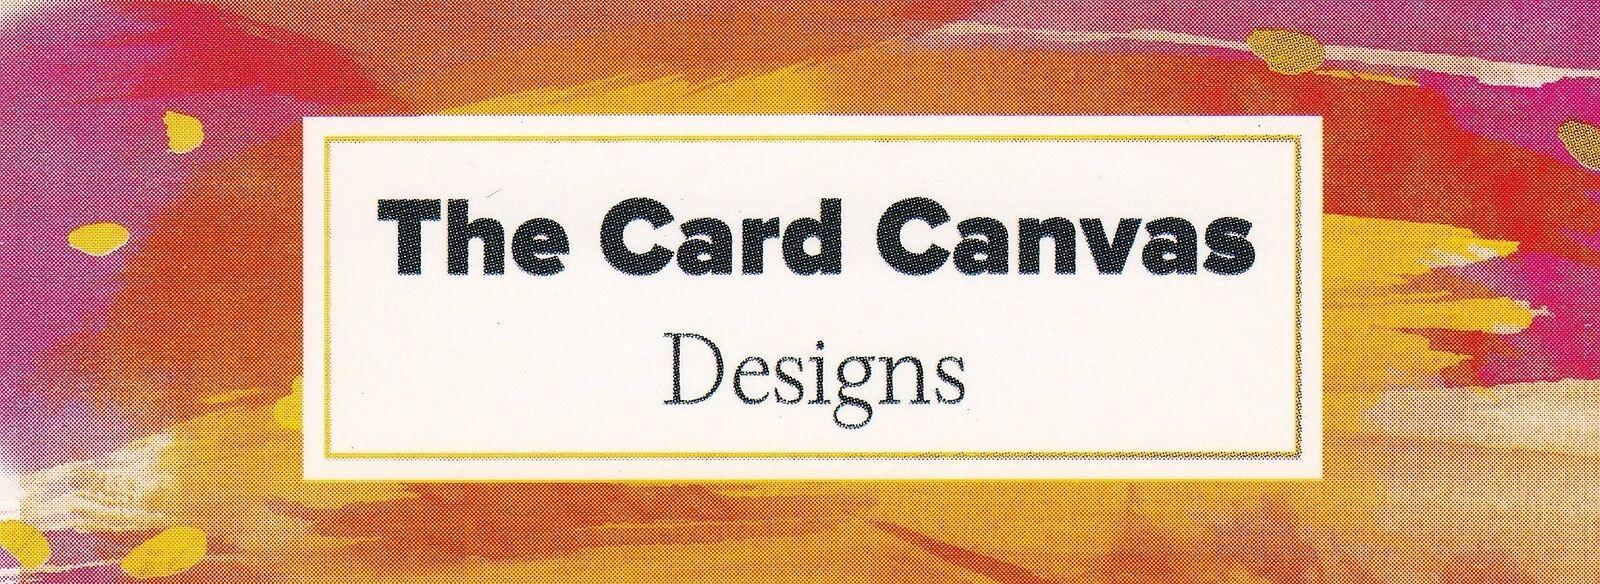 The Card Canvas